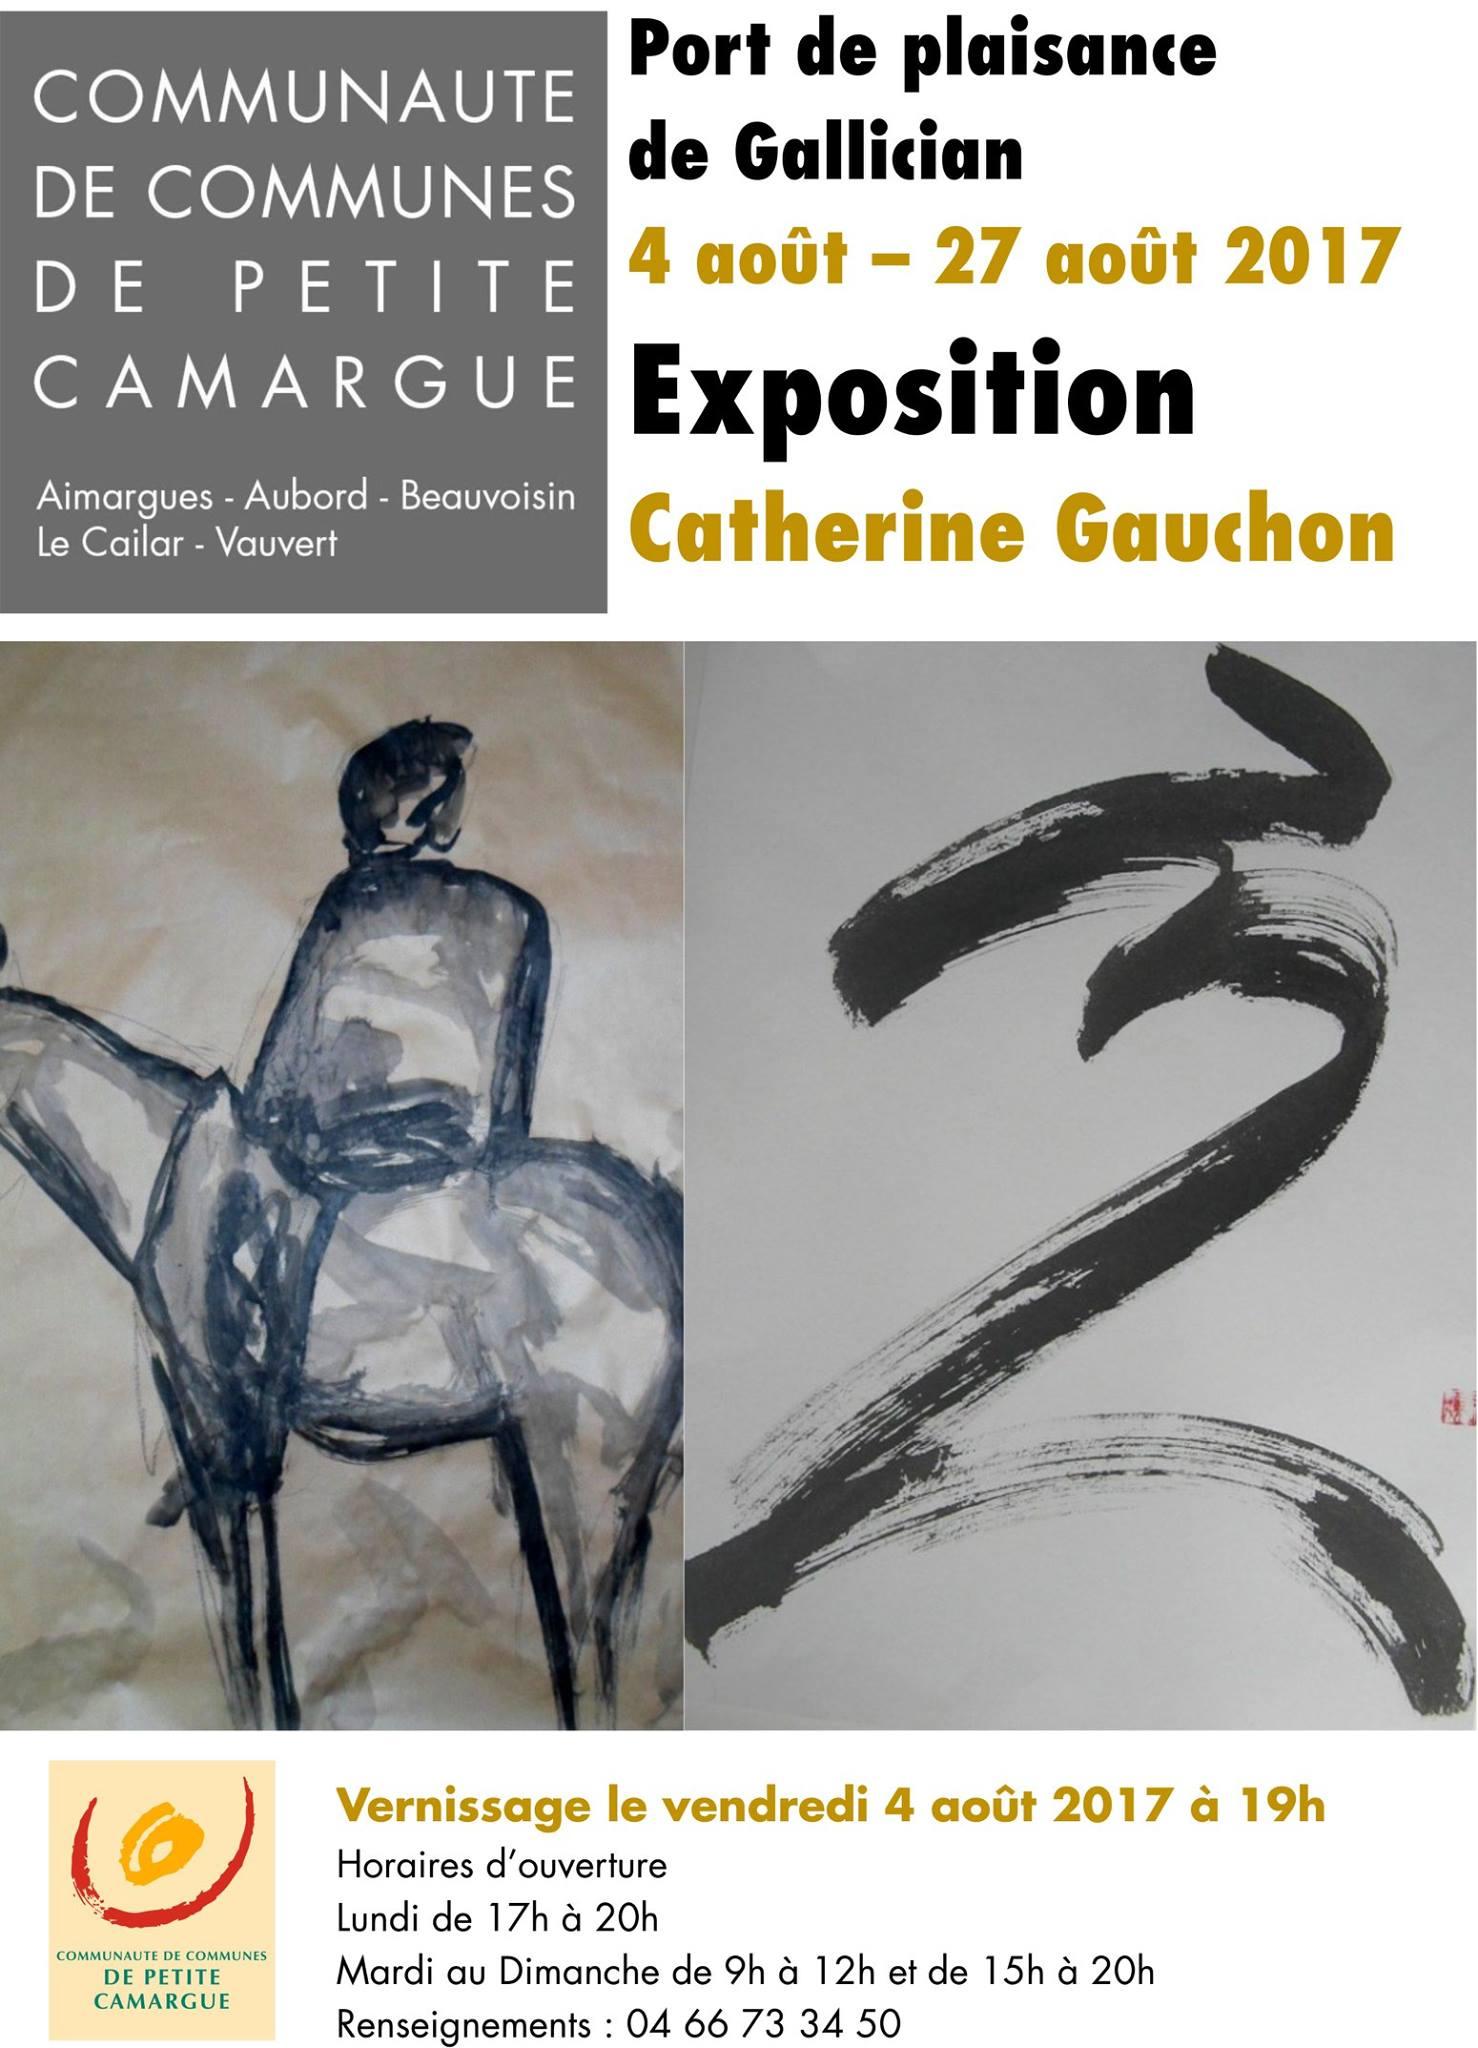 Exposition Catherine Gauchon @ Port de plaisance de Gallician